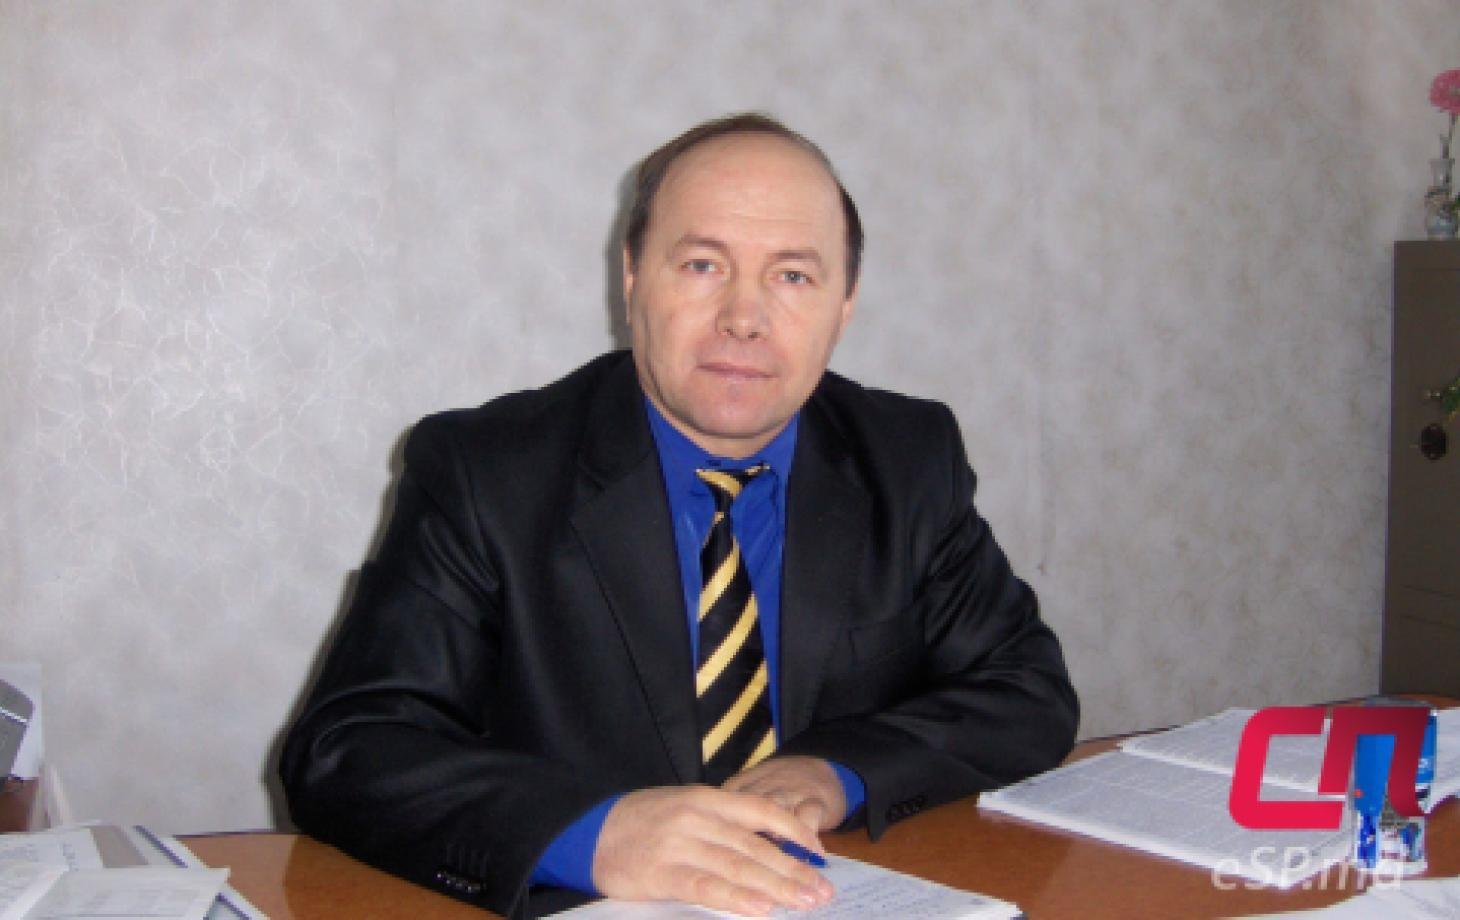 Пенсия для частного предпринимателя по украине